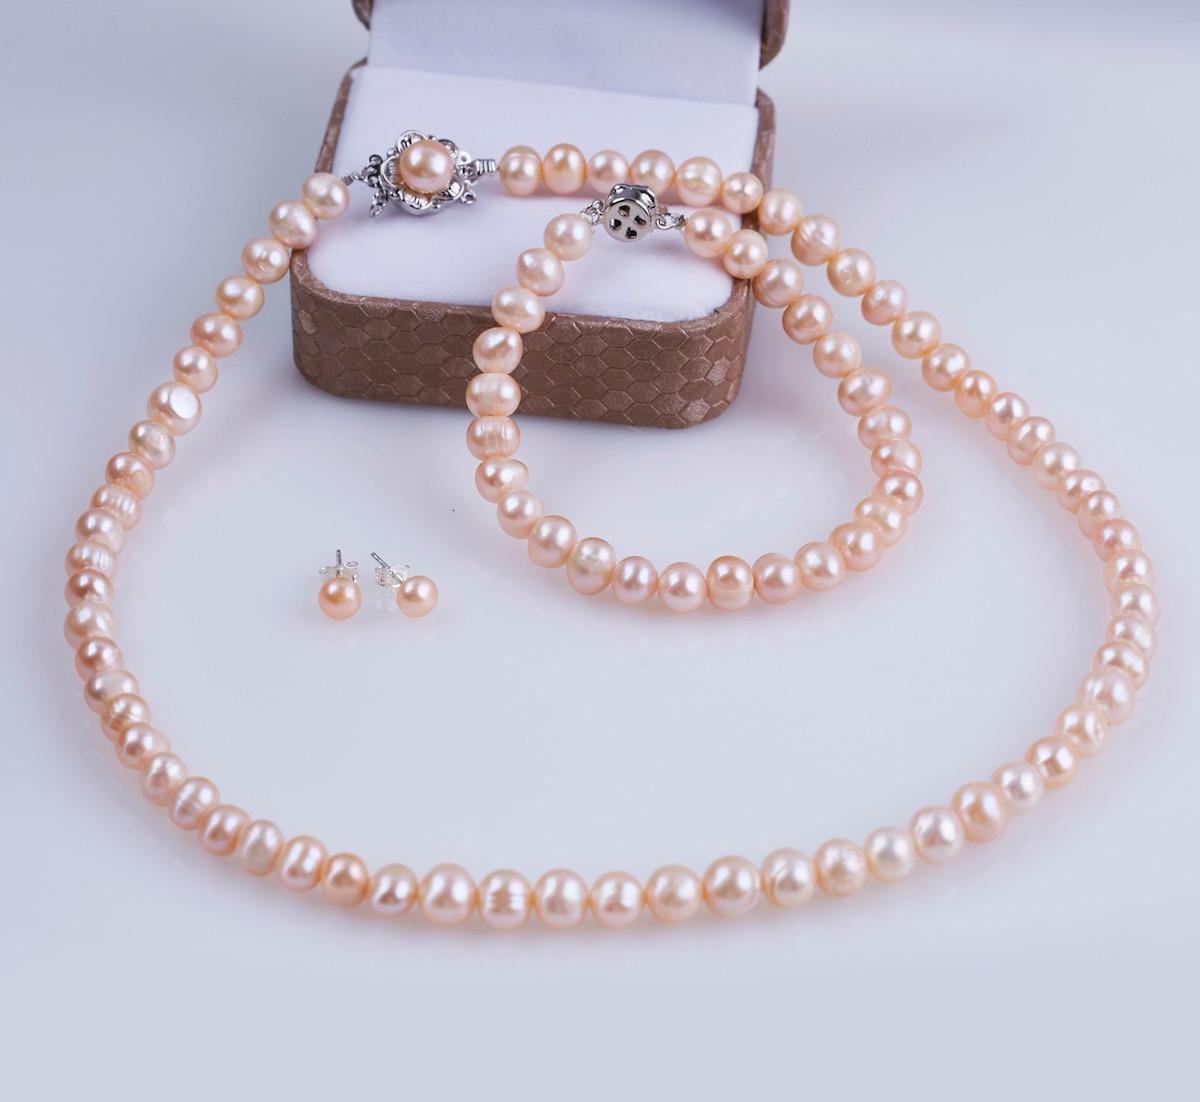 Bộ ngọc trai hồng Opal T05 có giá gốc lên đến 1,398 triệu đồng, giảm 40% còn 838.800 đồng. Thiết kế đơn giản với màu hồng nhạt dễ đeo. Bộ trang sức hợp nhiều lứa tuổi. Dây chuyền và lắc tay có phần khóa bạc thiết kế hình hoa đẹp mắt.